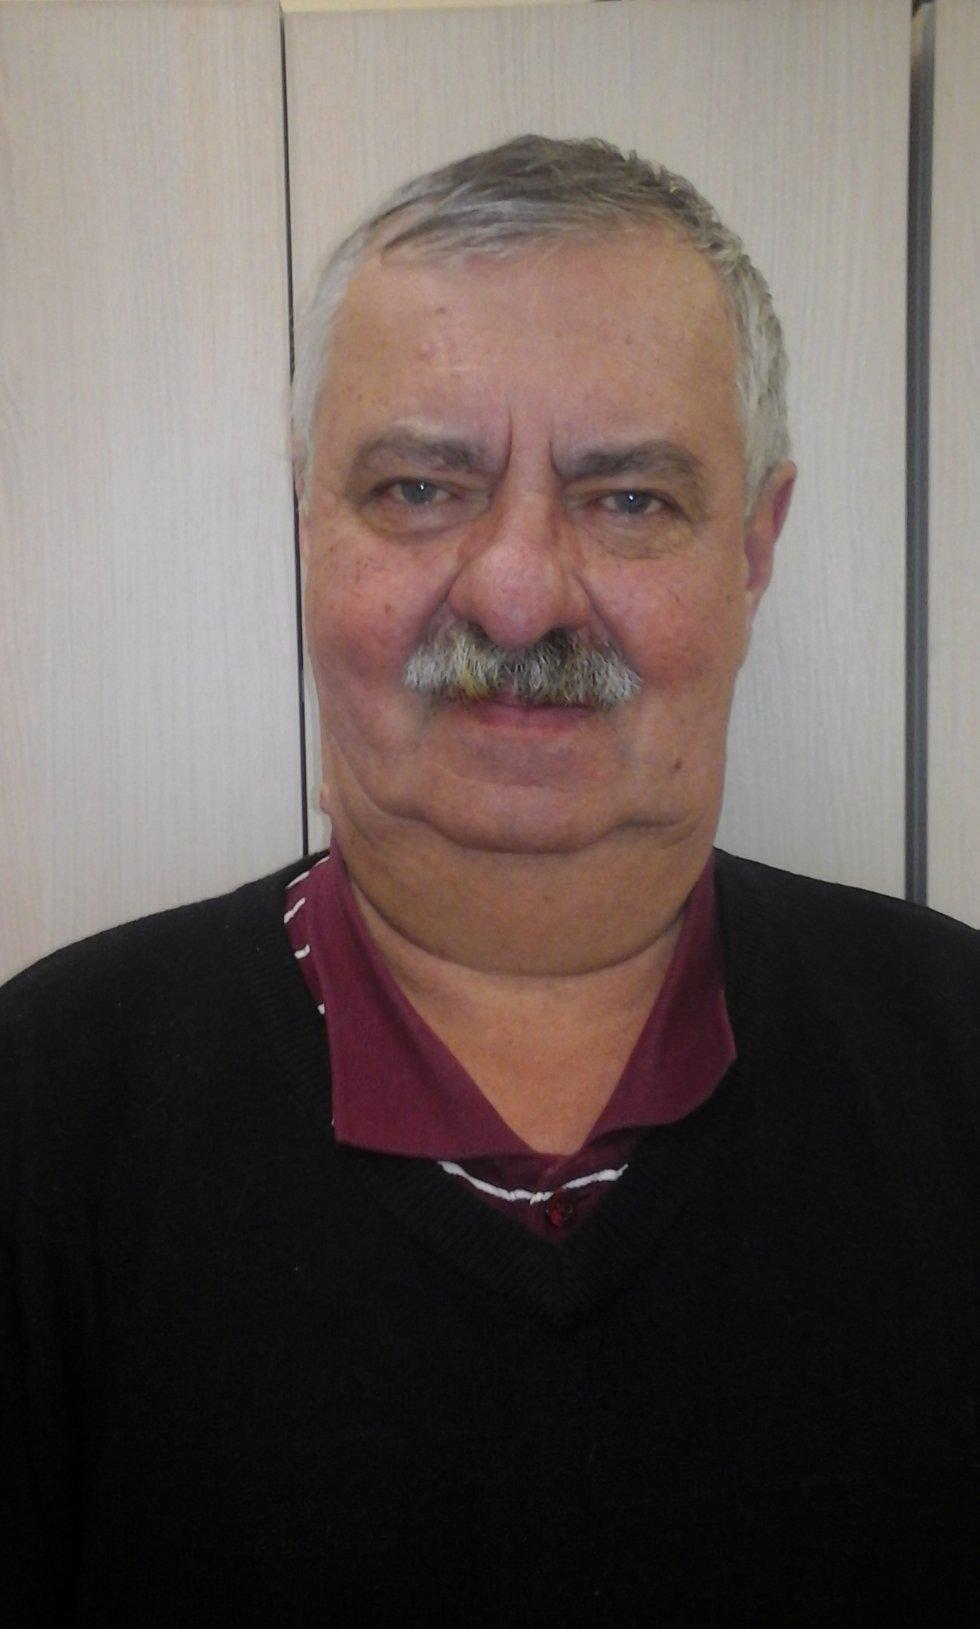 Пшеничный Павел Витальевич